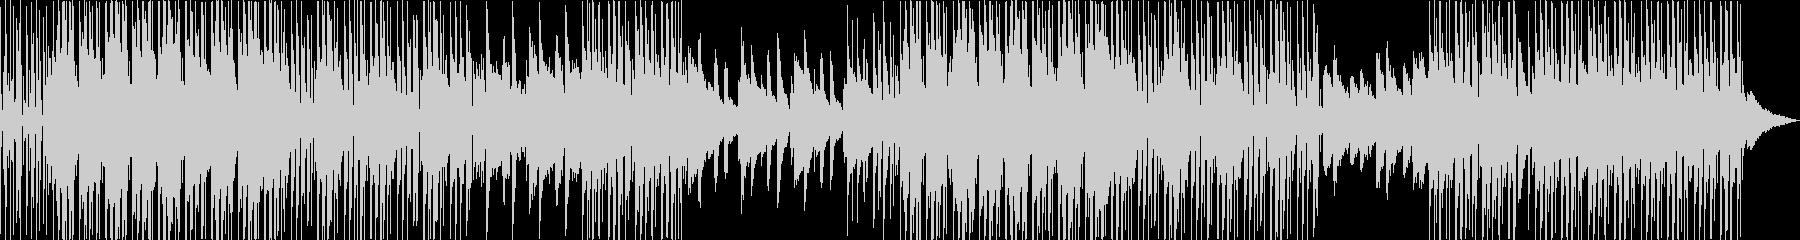 モダン 交響曲 室内楽 エキゾチッ...の未再生の波形